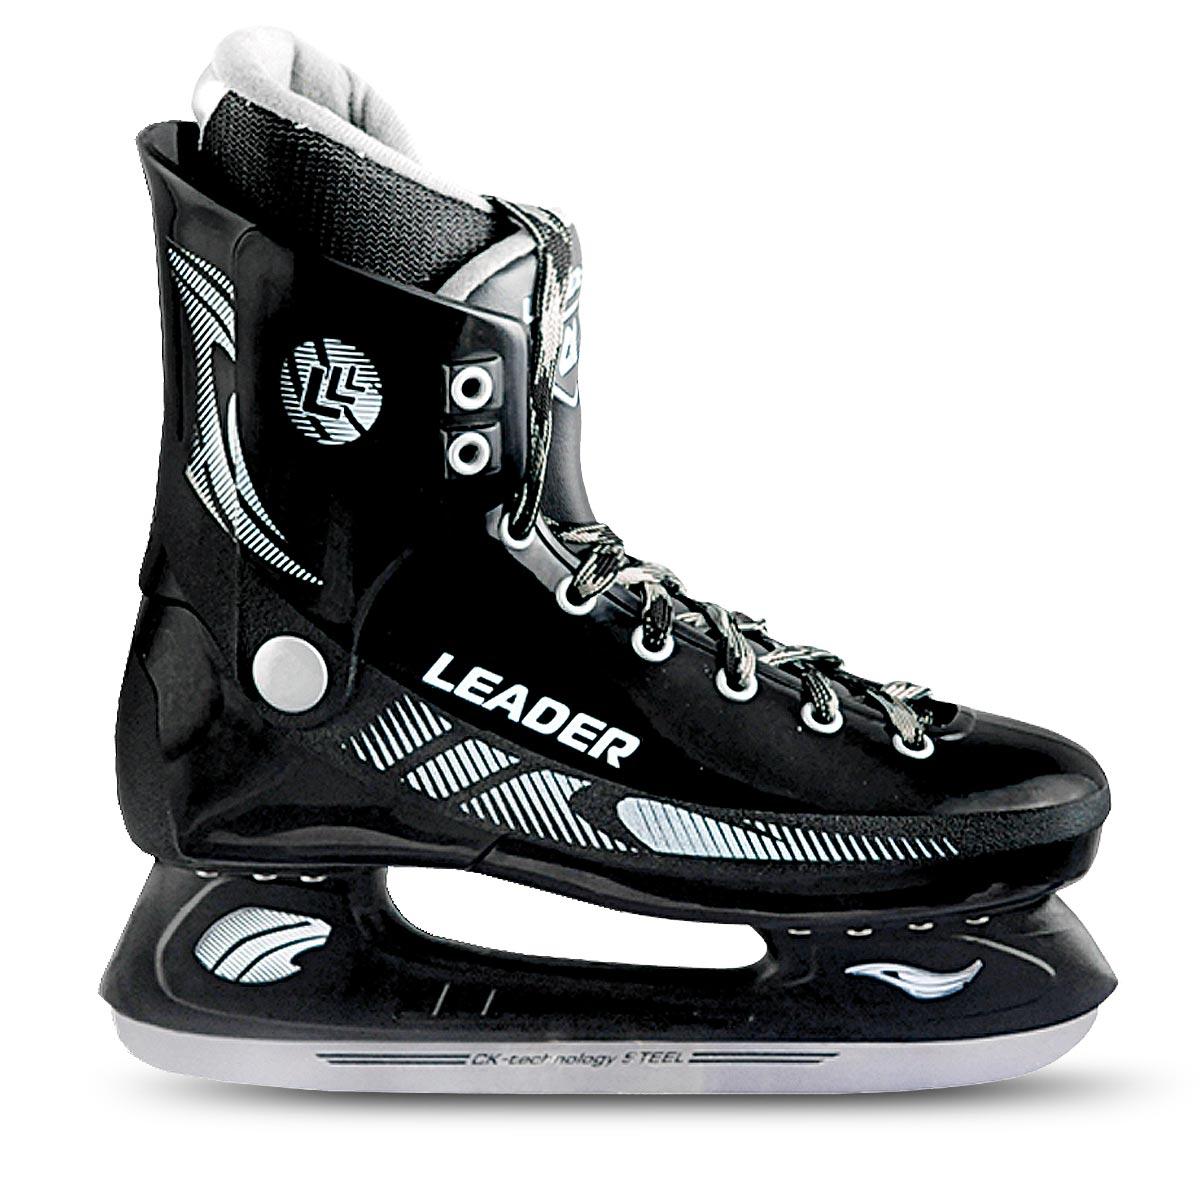 Коньки хоккейные мужские CK Leader, цвет: черный. Размер 40